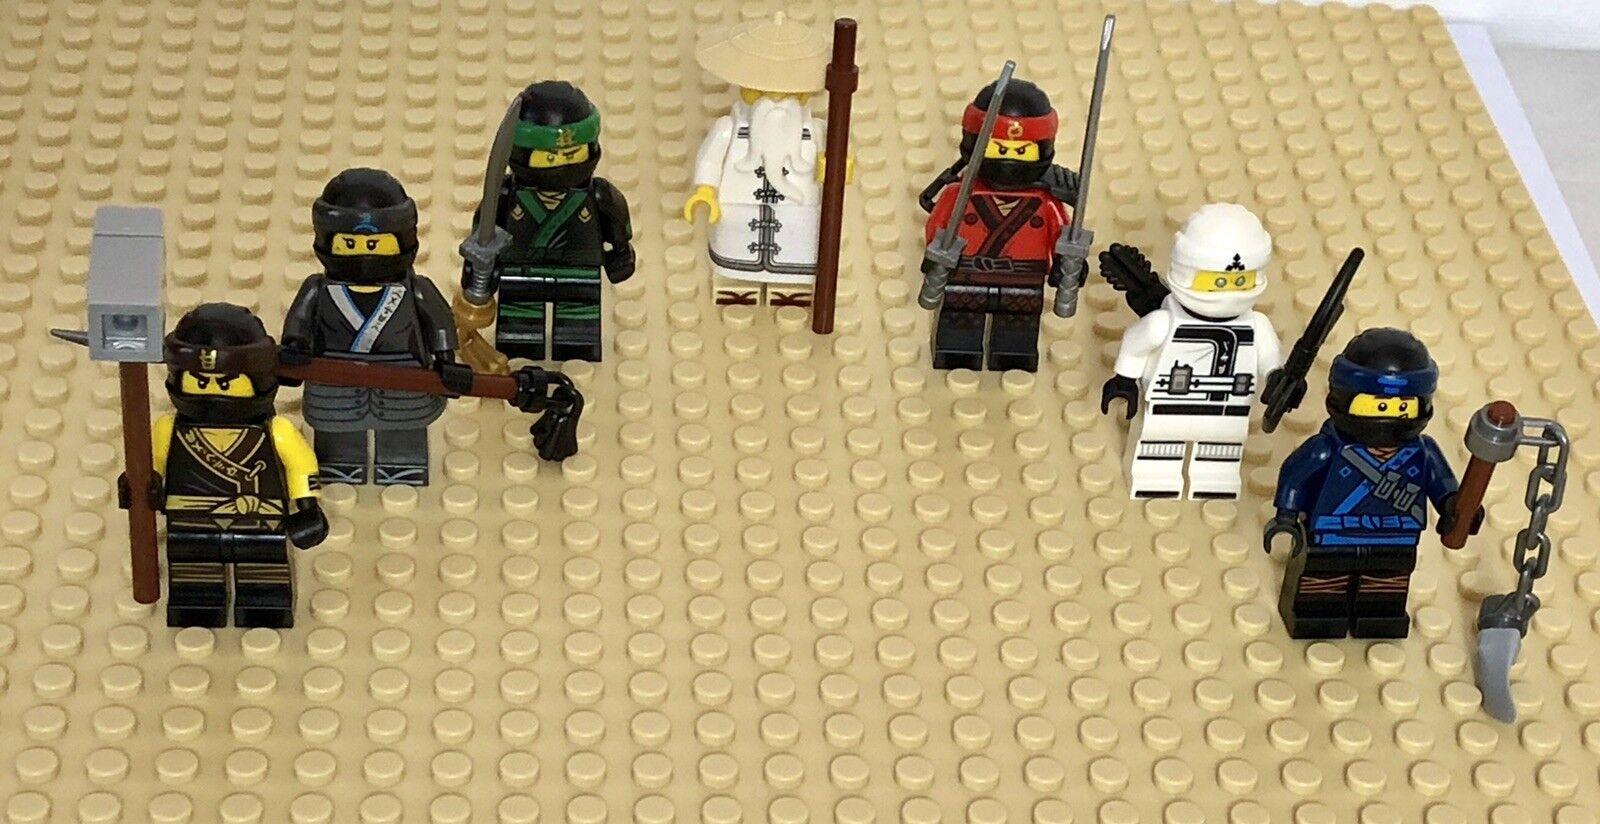 LEGO Ninjago Movie 7 Minifigures c w Weapons Split from 70618 Destiny's Bounty